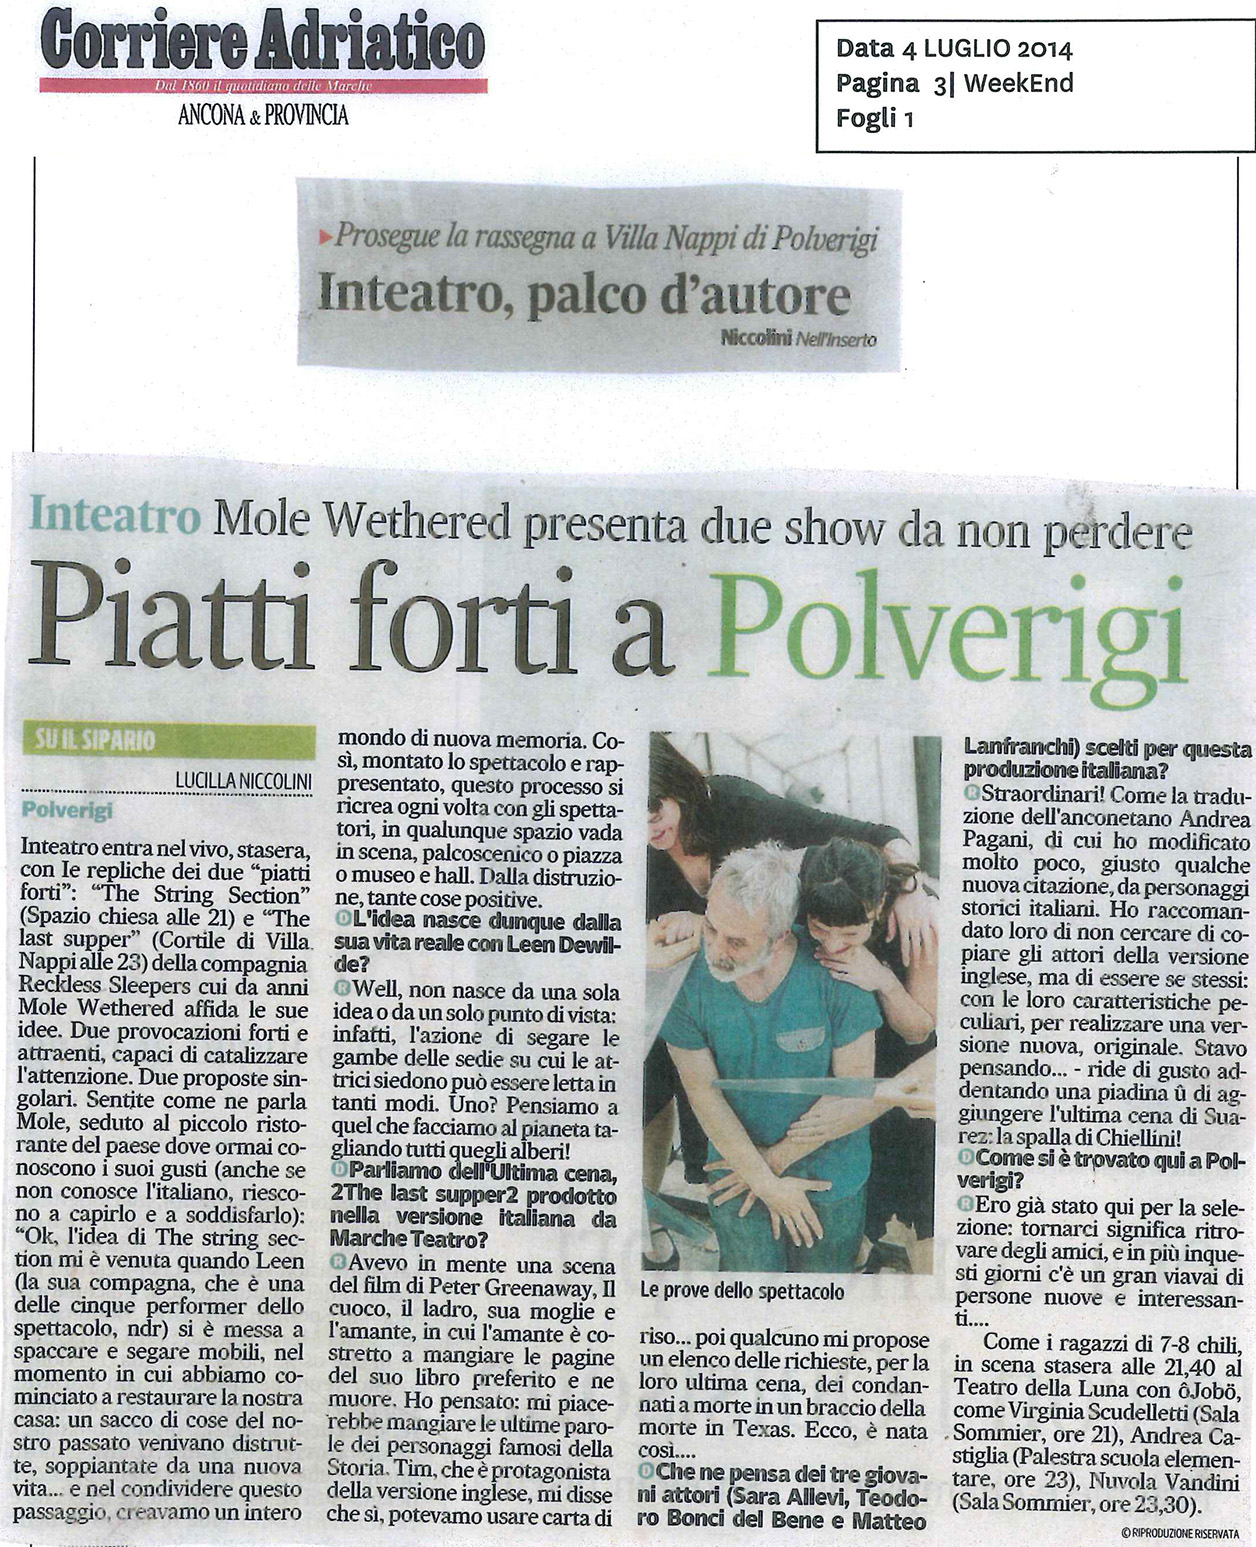 2014.07.04 Piatti forti a Polverigi - Corriere Adriatico